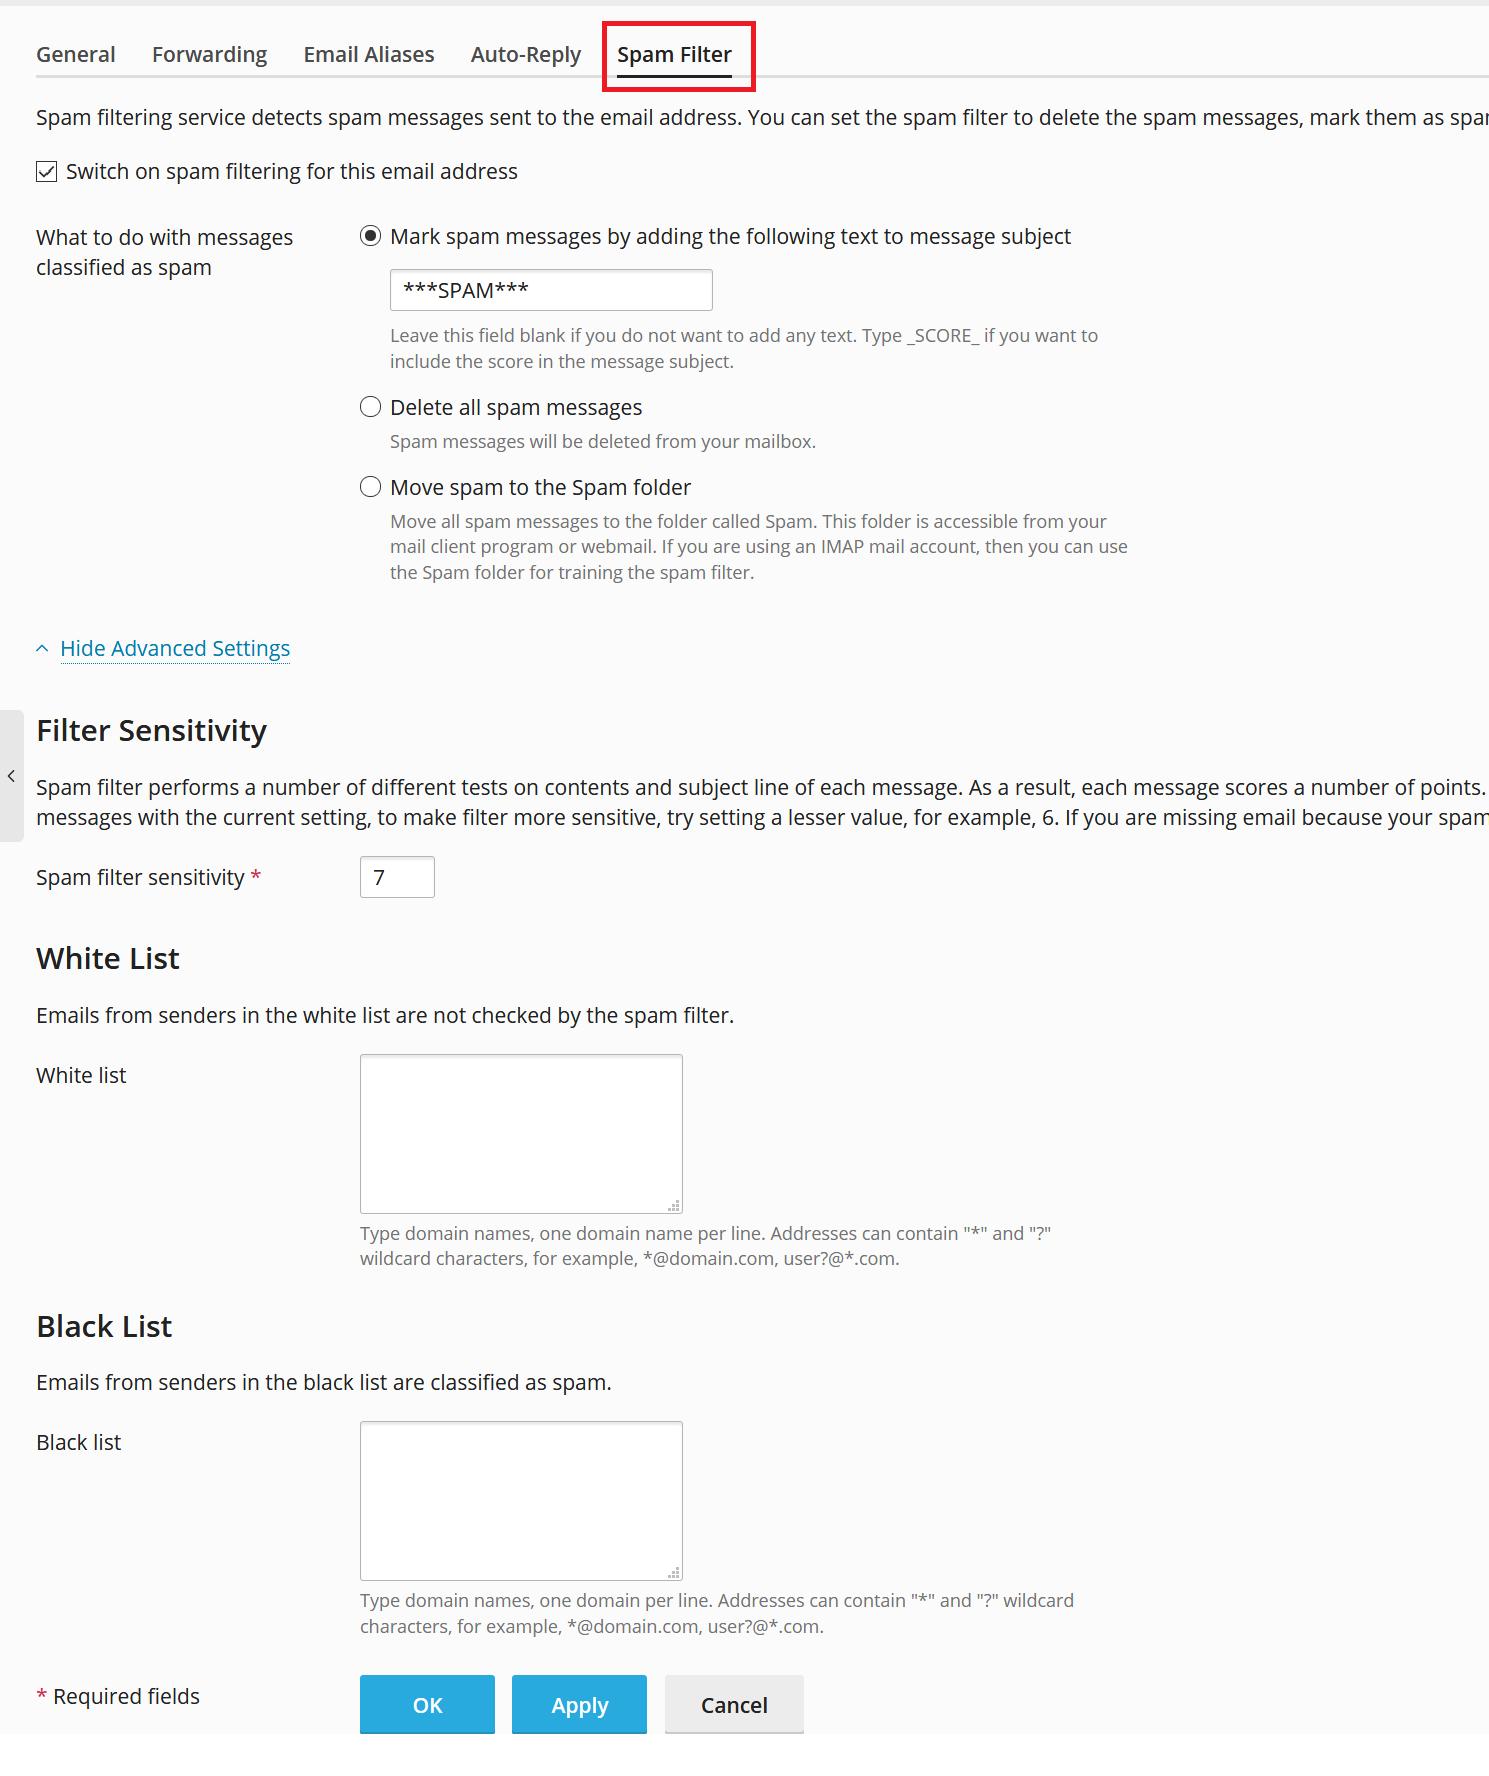 plesk mail address spam filter settings